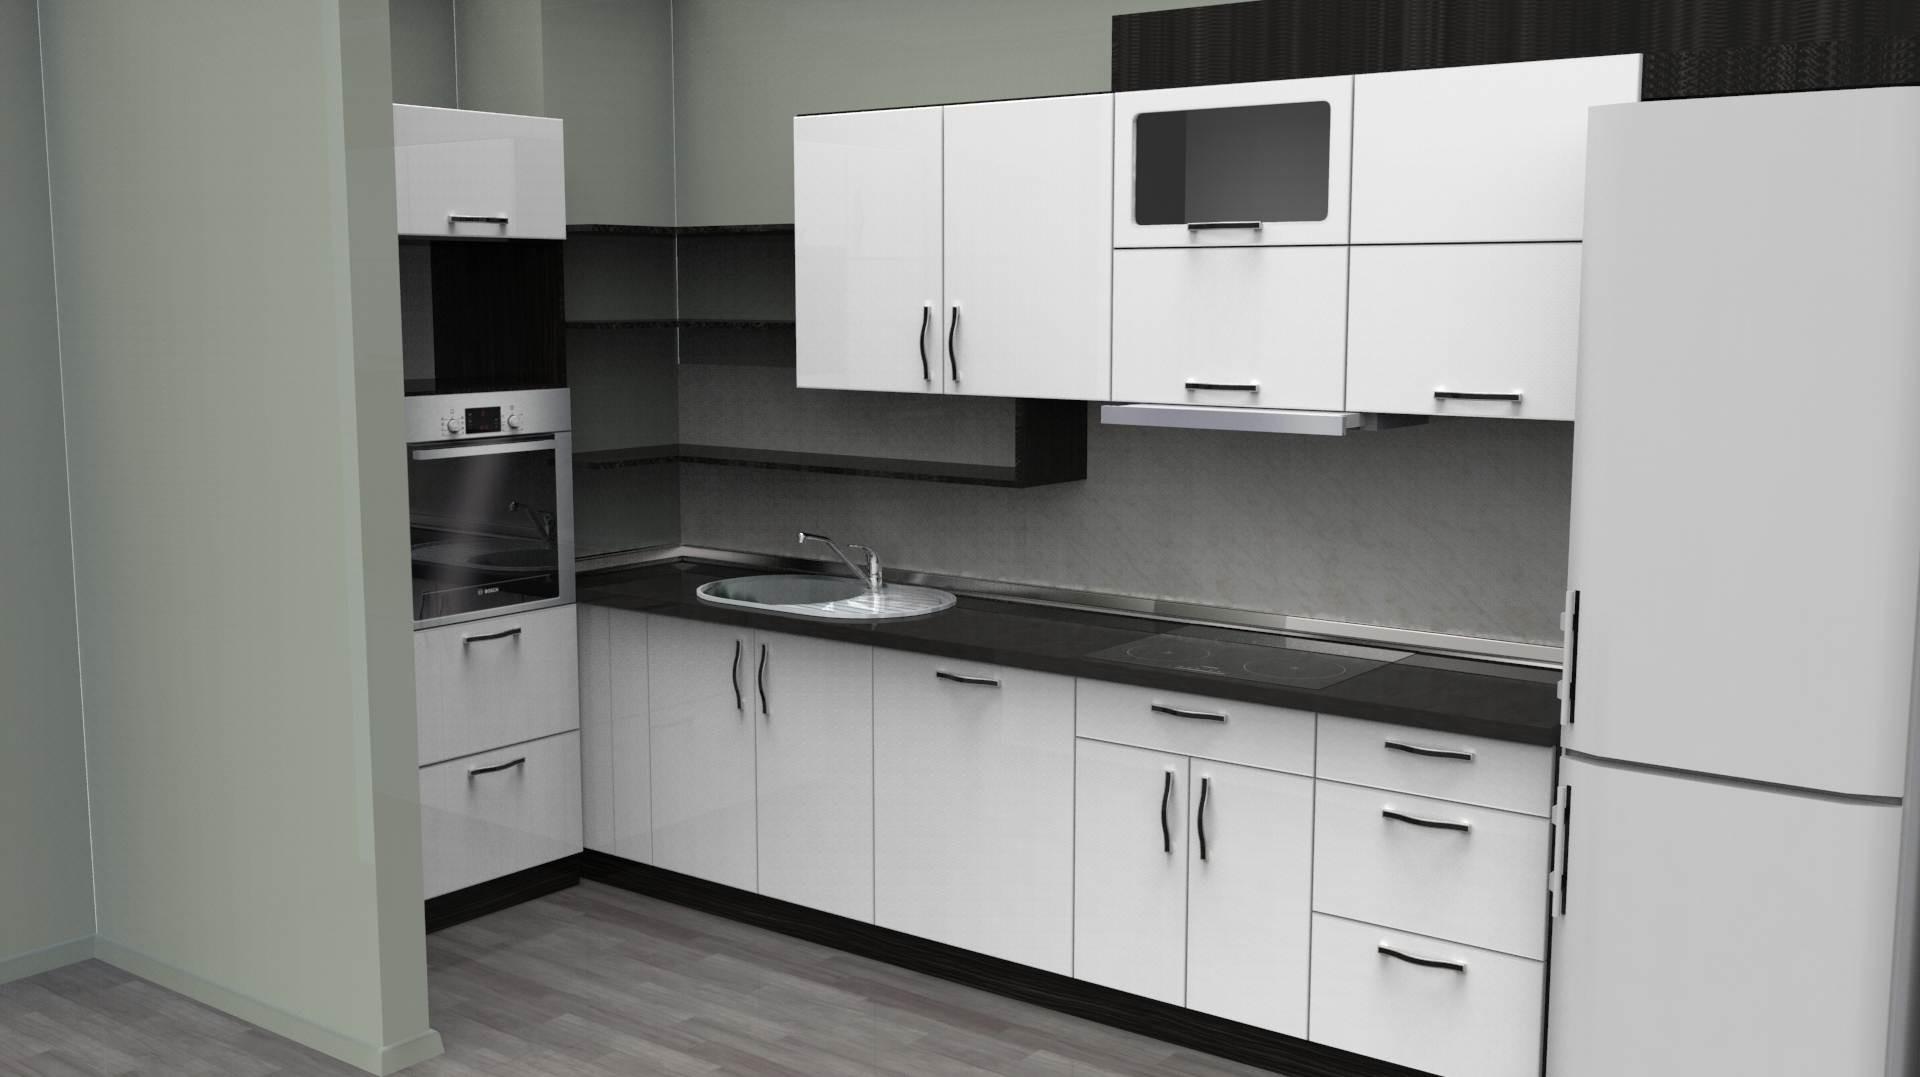 Kitchen Cabinet Designing Software  15 Best line Kitchen Design Software Options Free & Paid